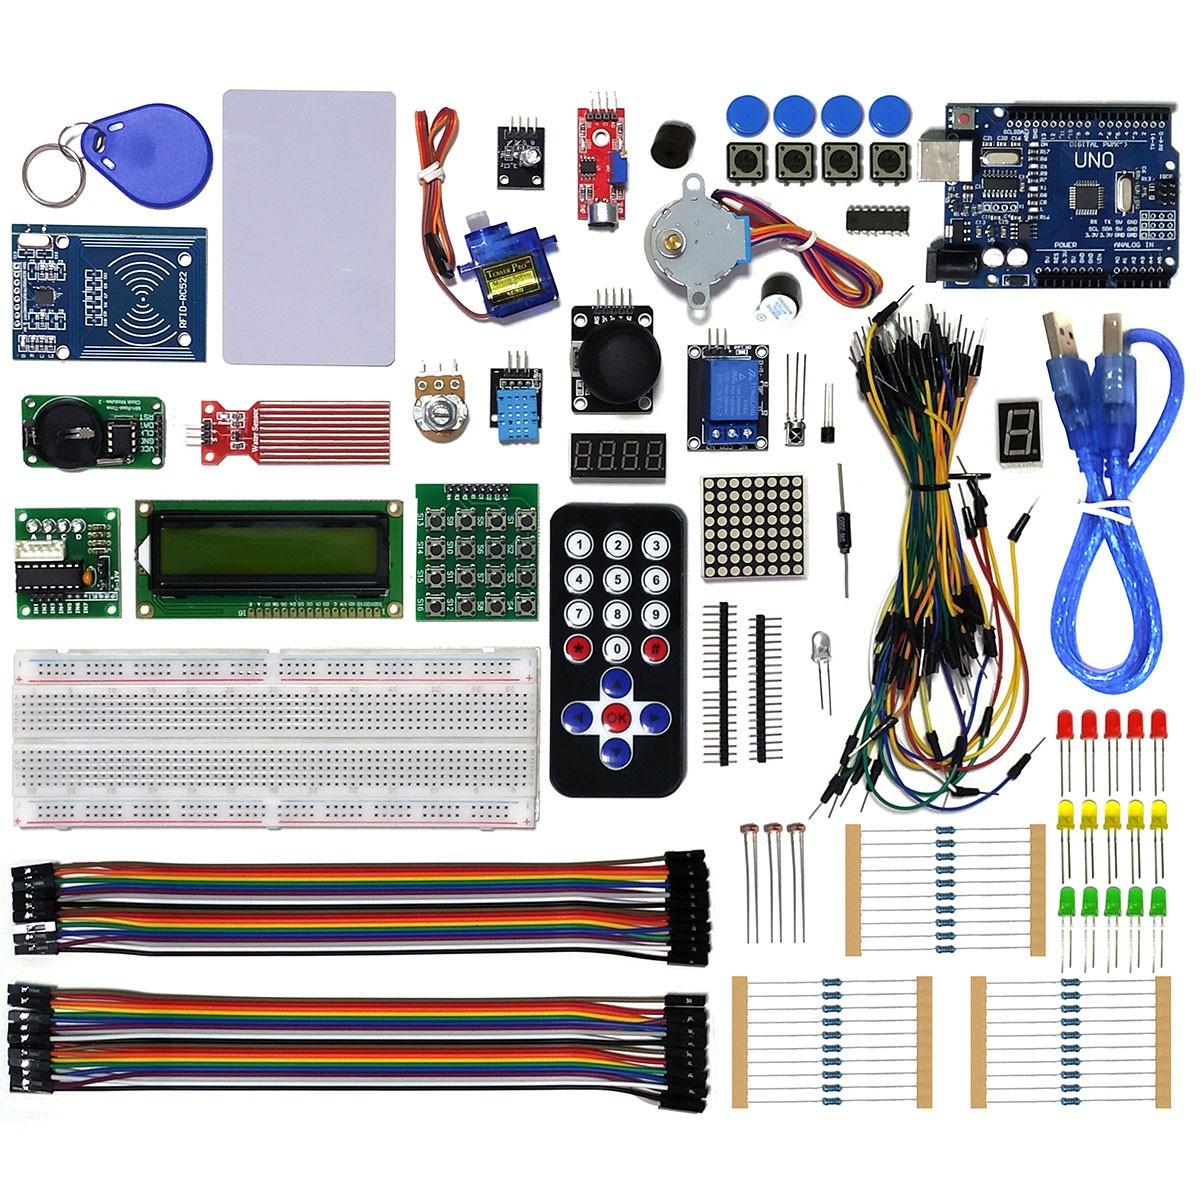 Mega Kit Robótica Para Arduino Uno e + 200 pcs com Tutorial